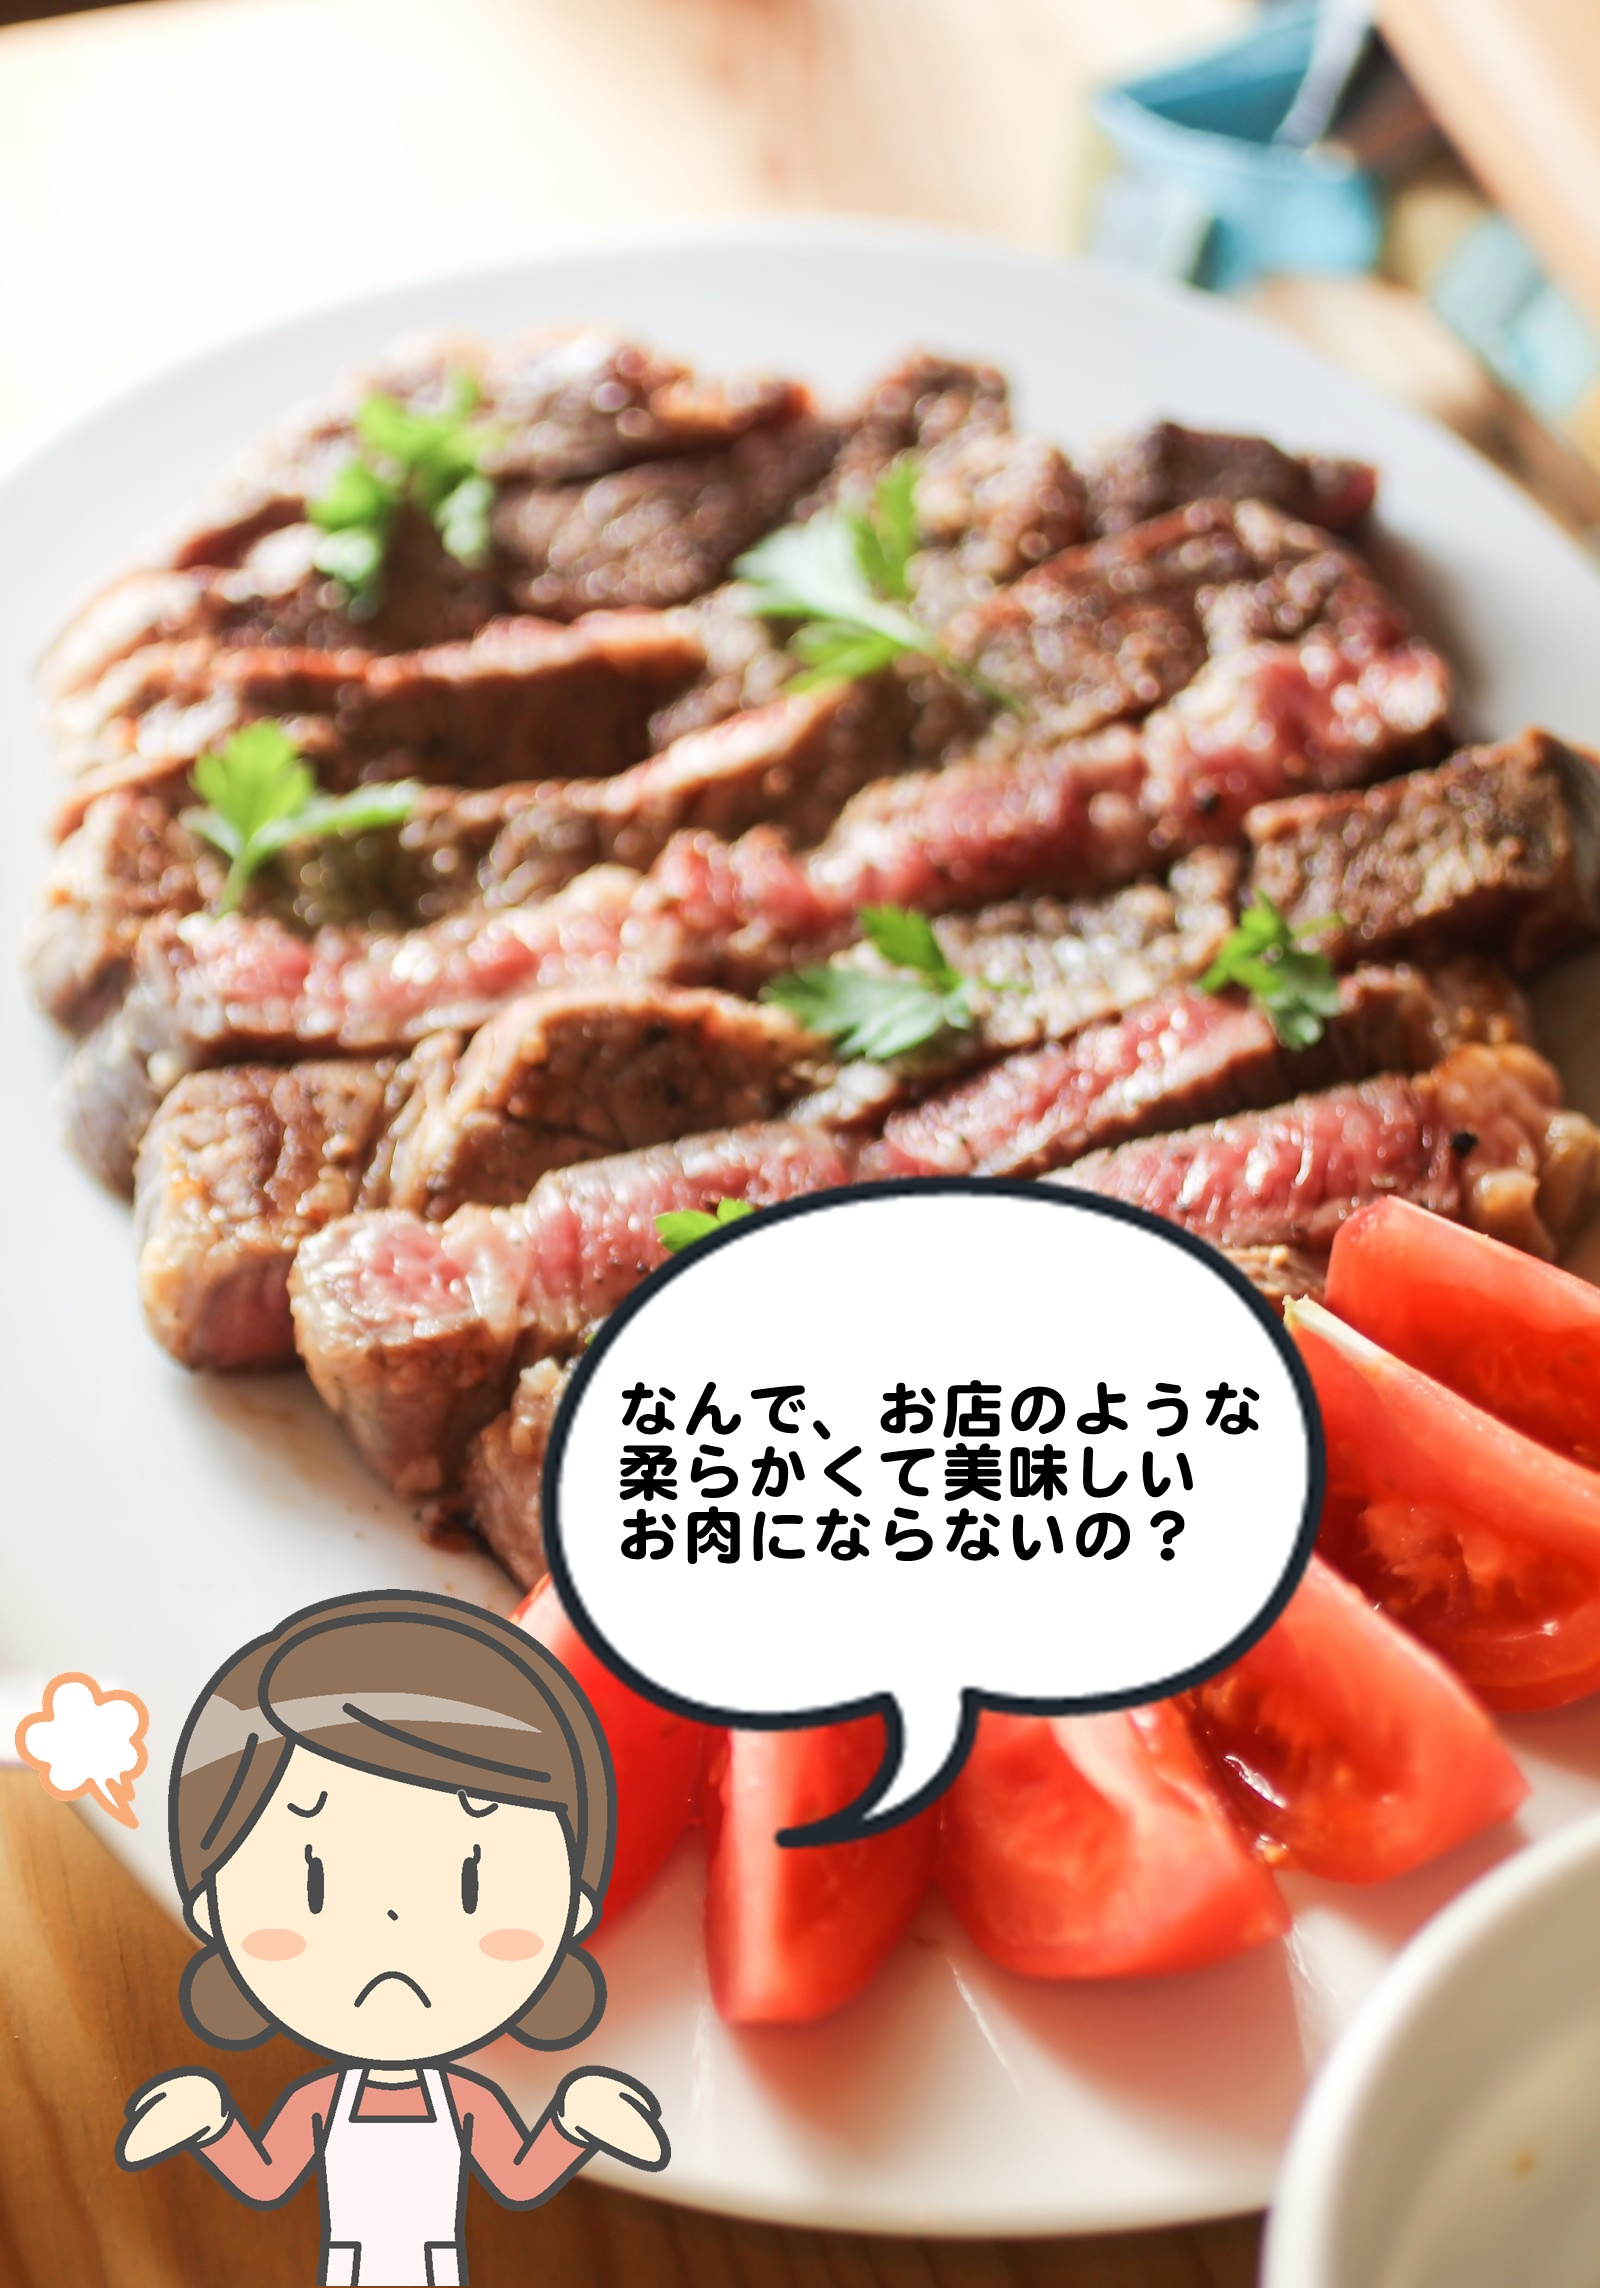 お店のような美味しいお肉にならない